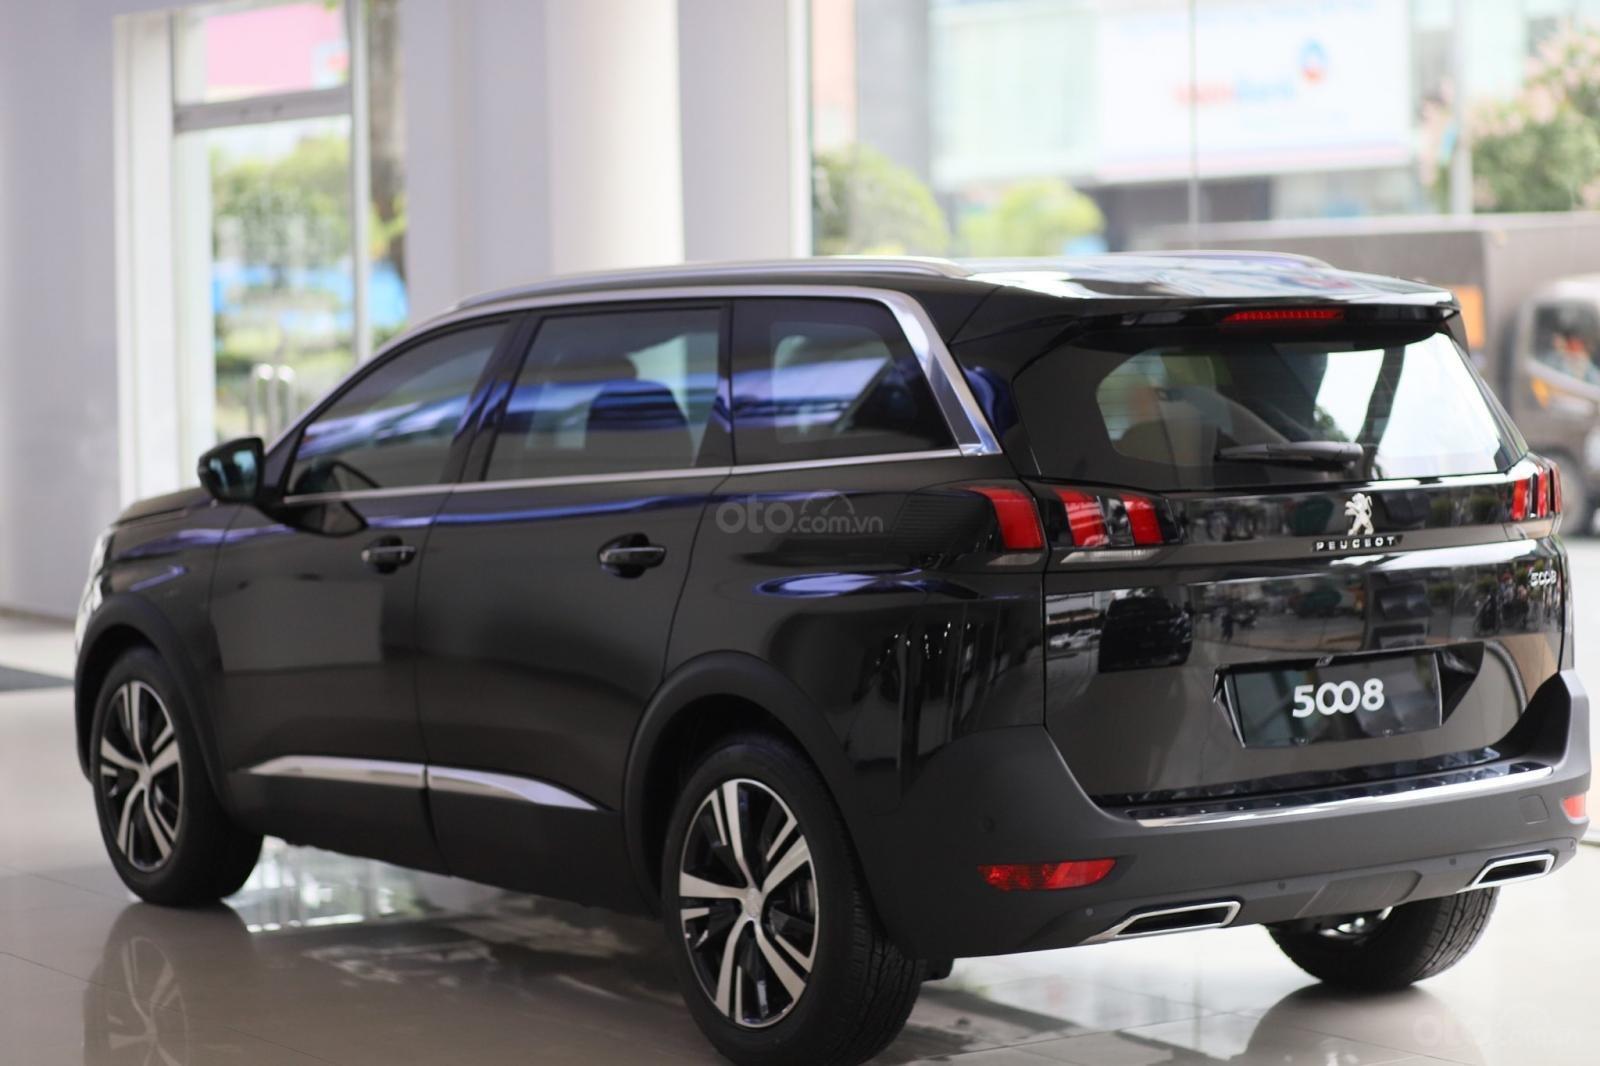 Cần bán Peugeot 5008 2019, màu đen, 430 triệu nhận xe (3)